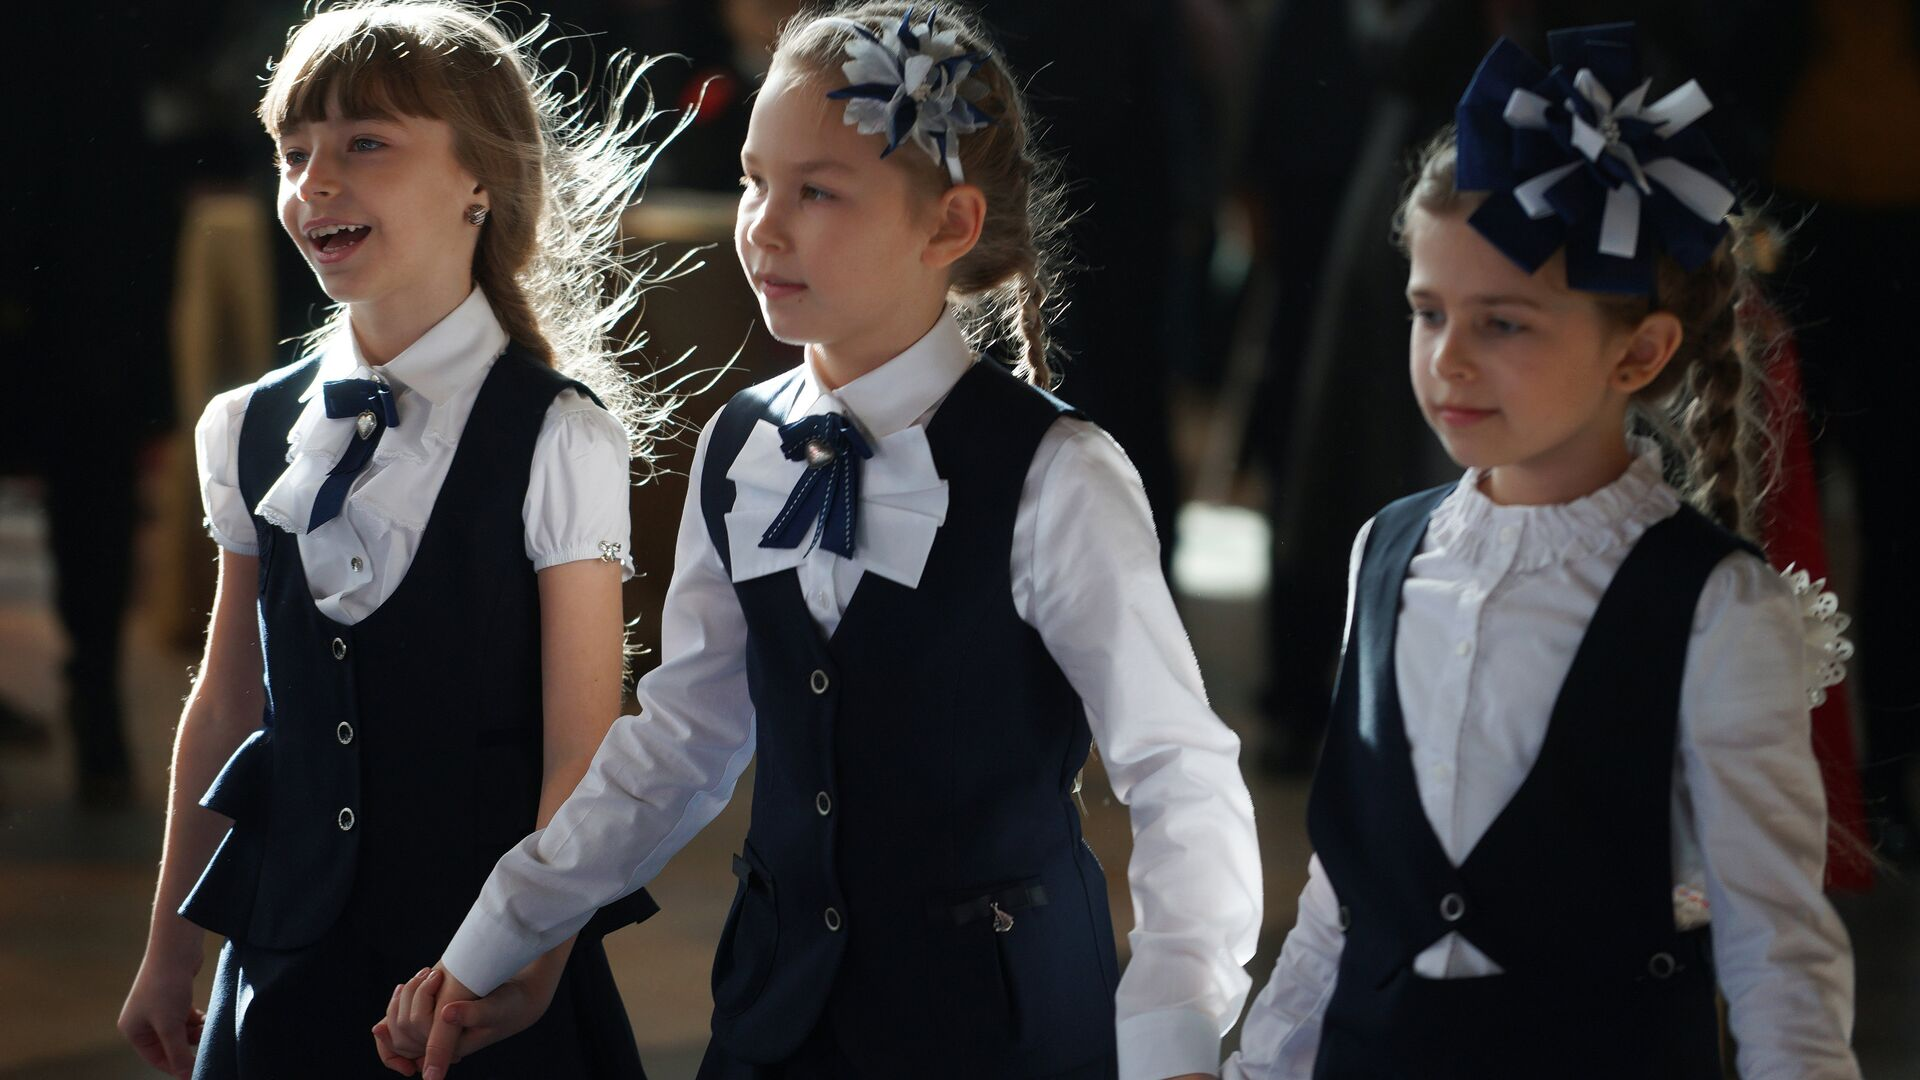 Дети на модном показе школьной формы - РИА Новости, 1920, 23.04.2021